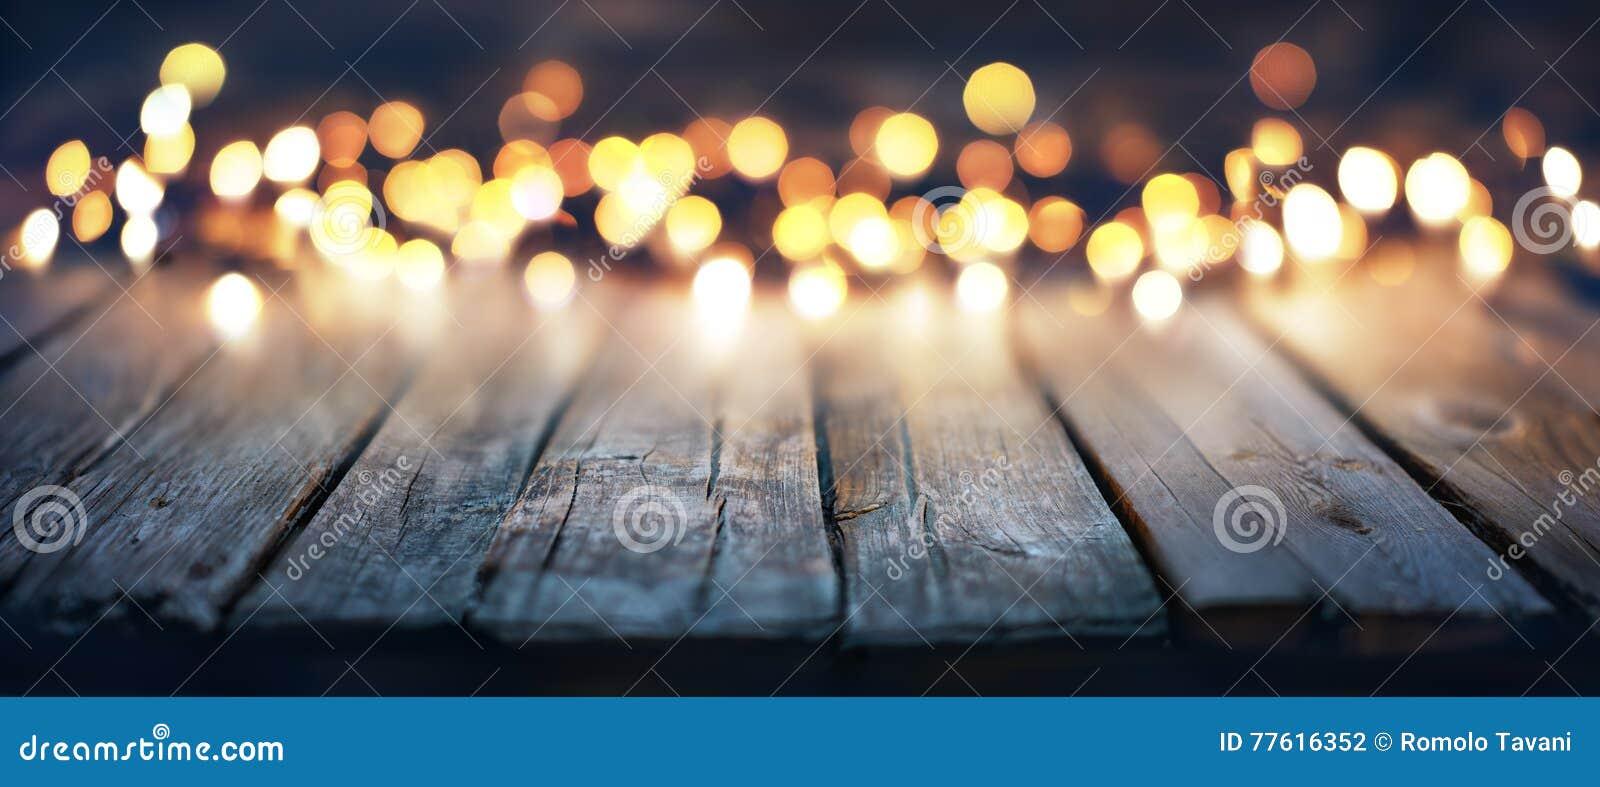 bokeh of christmas lights - Blurry Christmas Lights